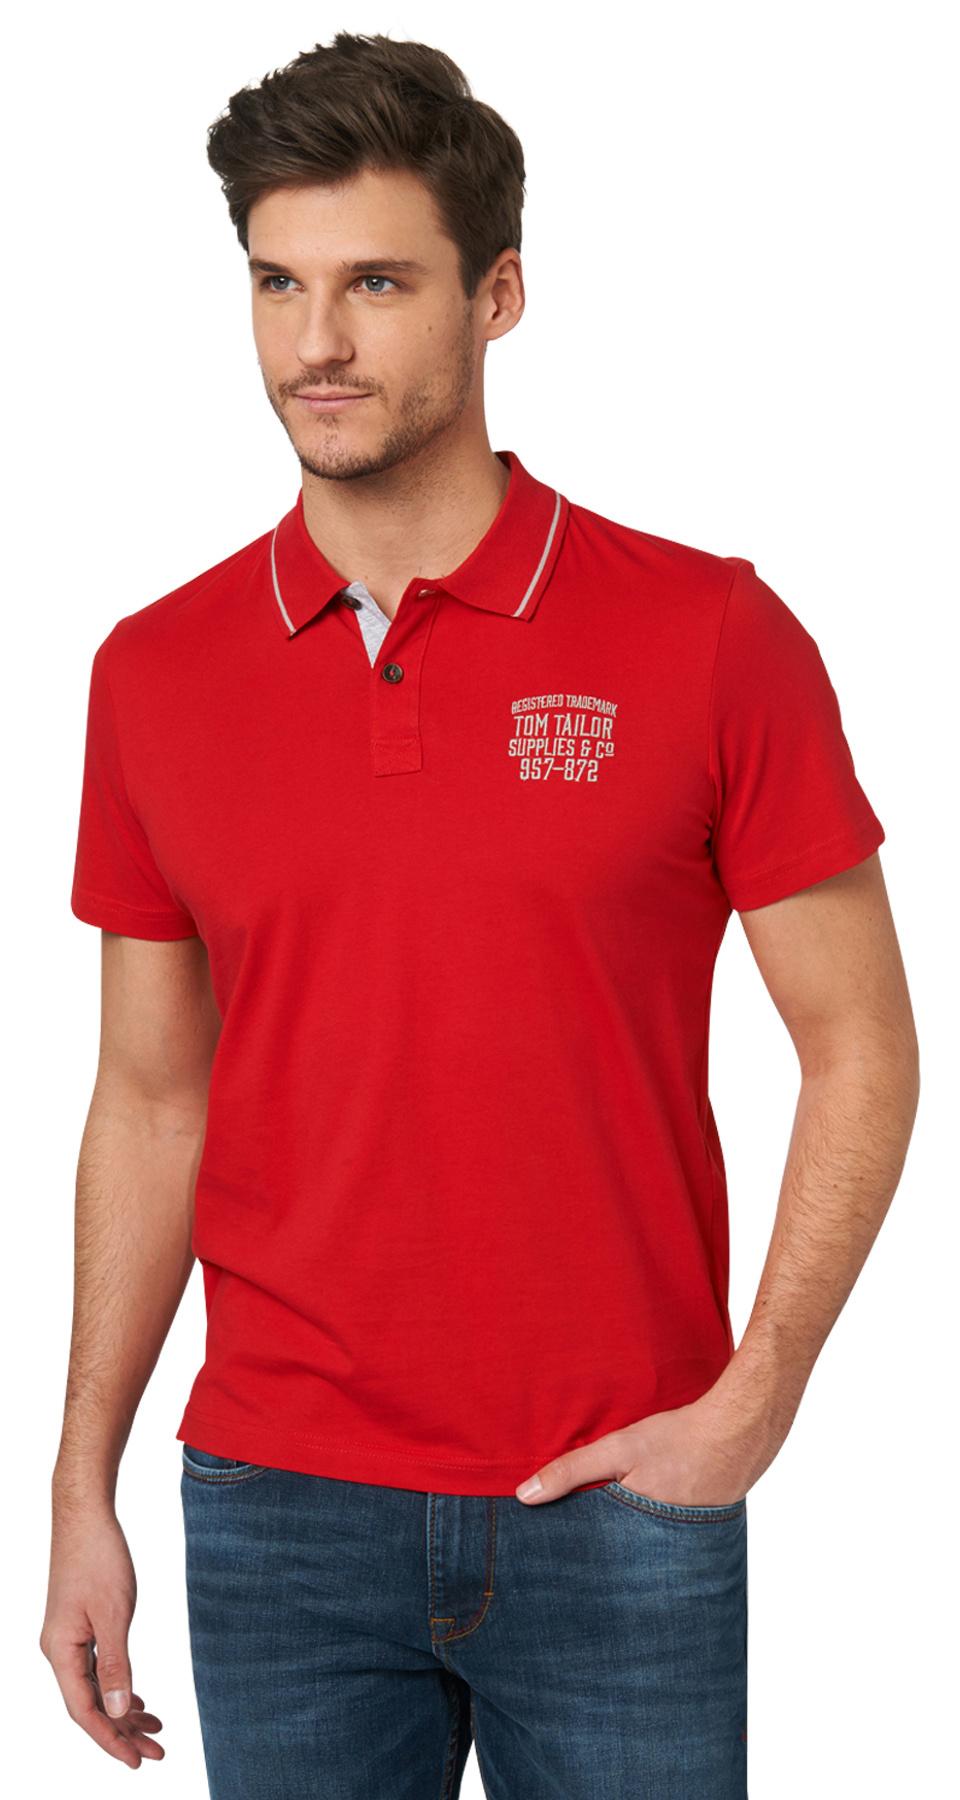 Tom Tailor pánské polo triko 15310370010/4534 Červená XL